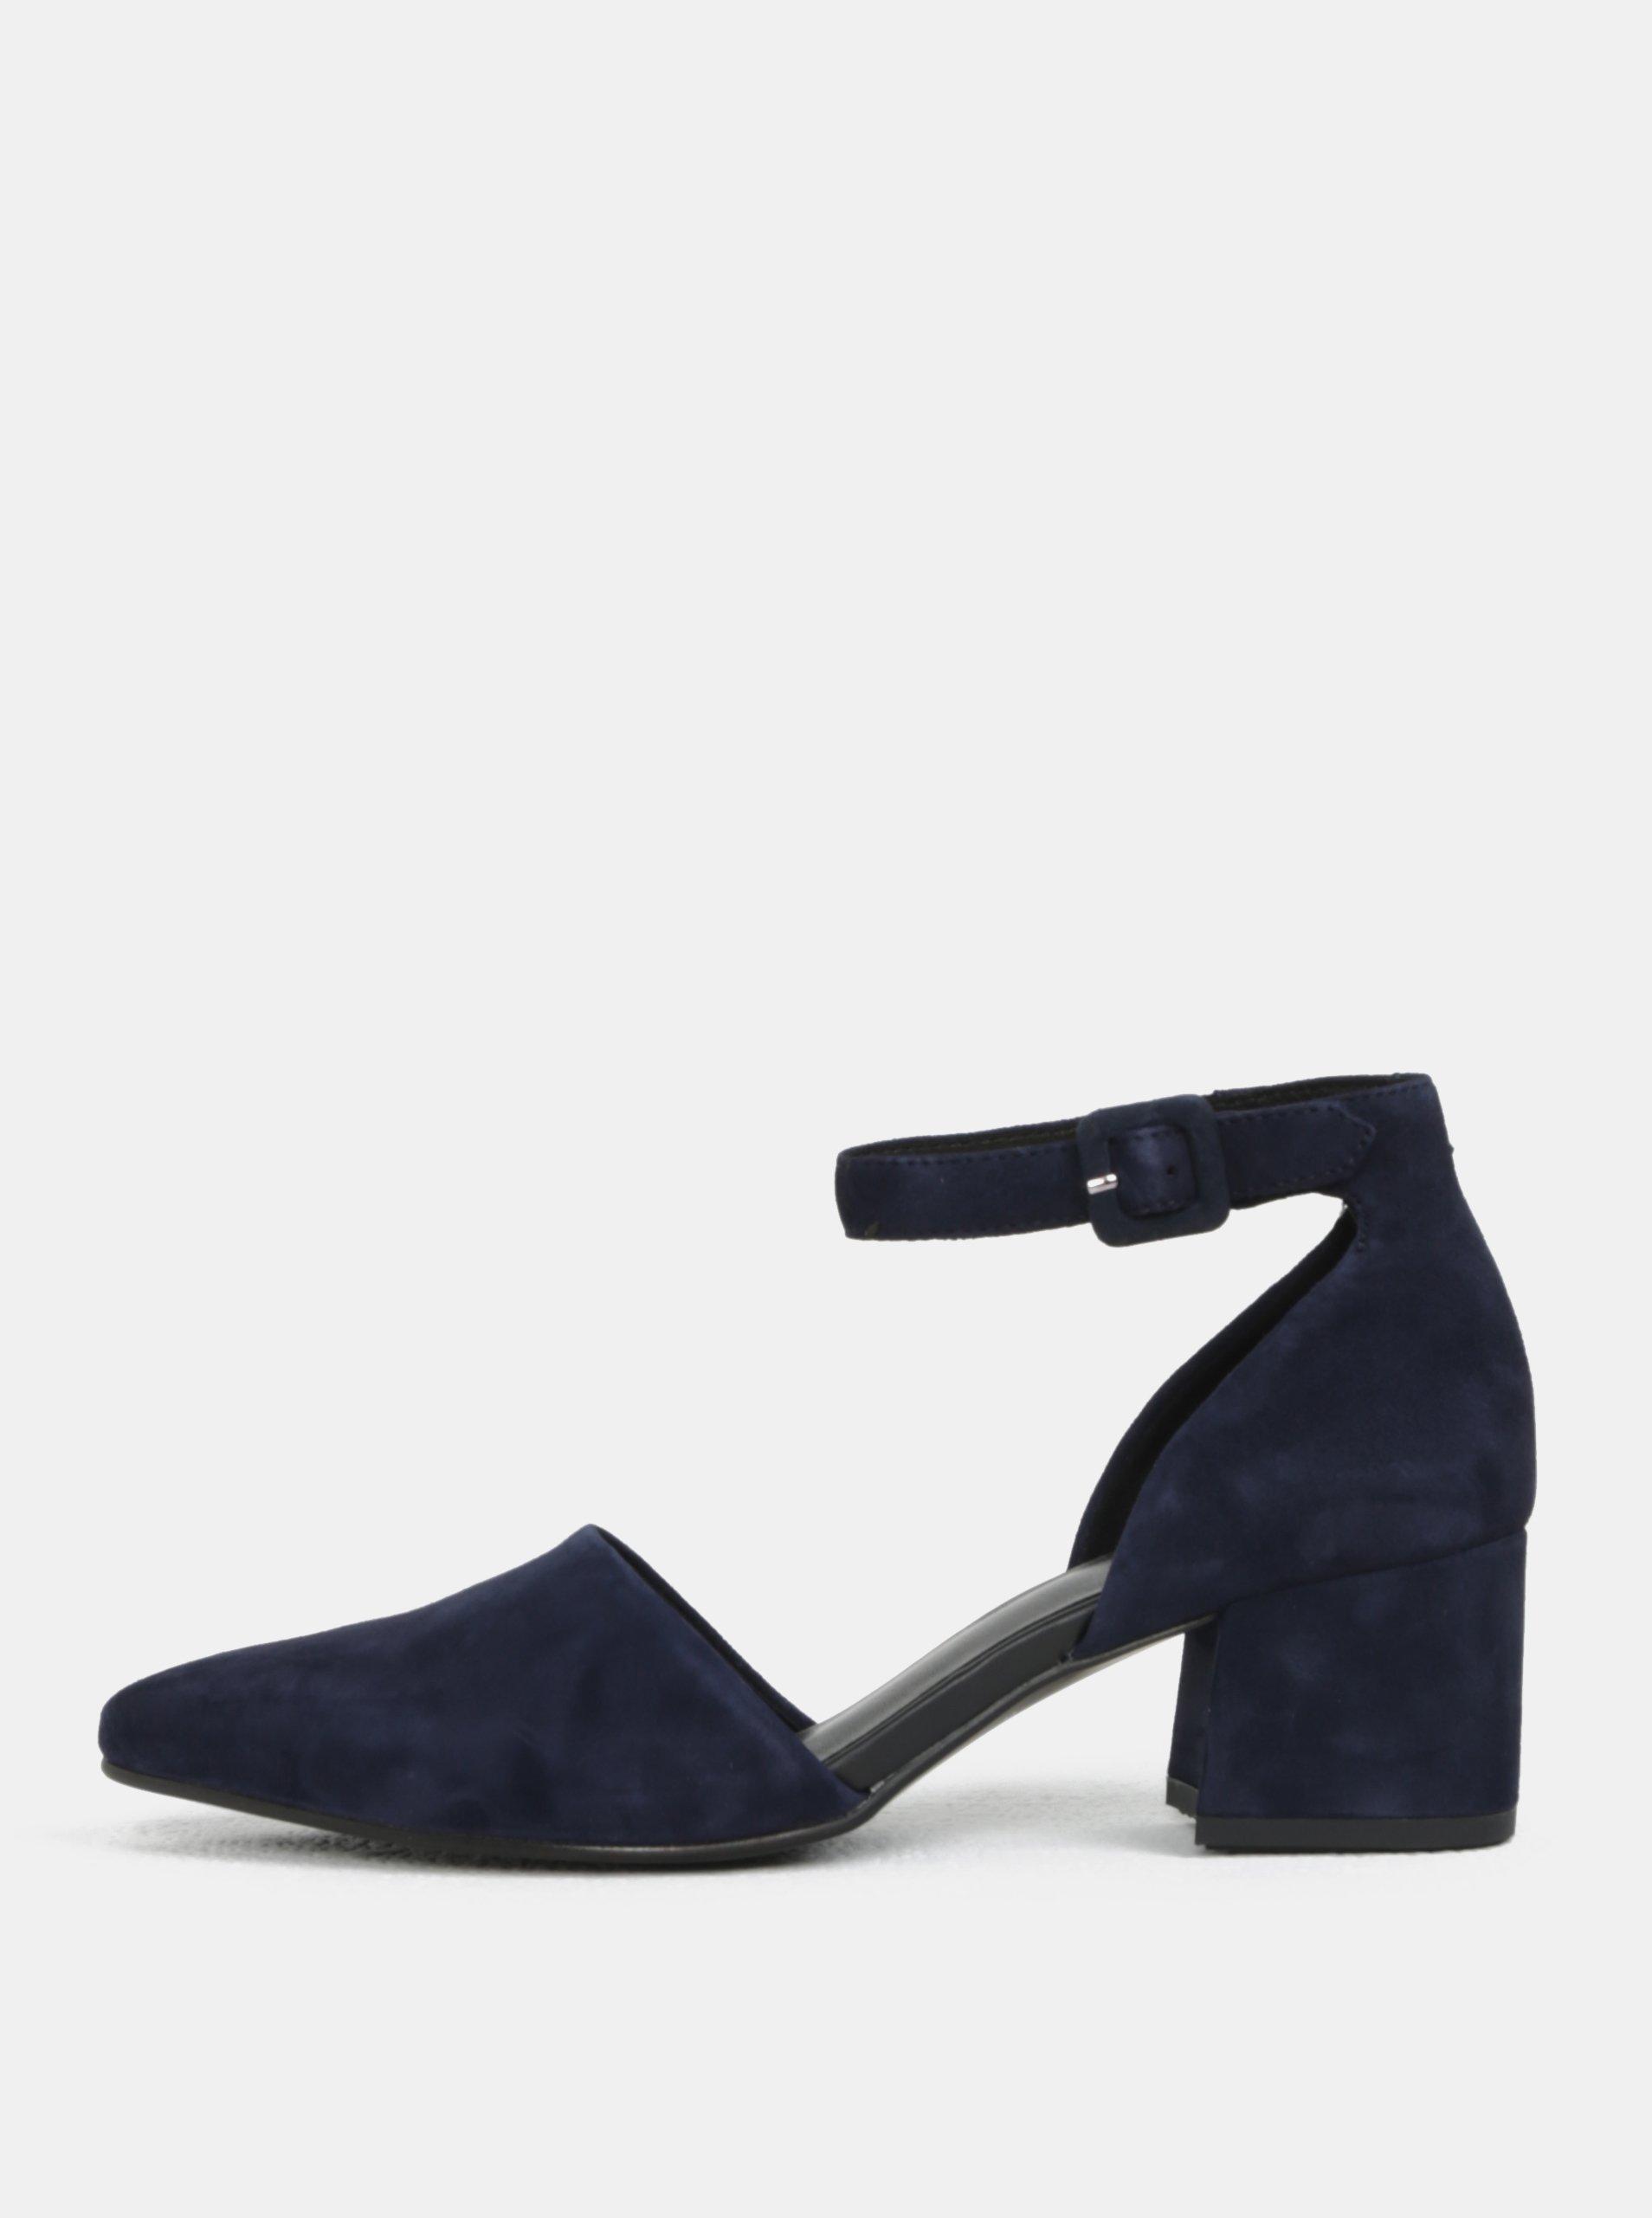 92665521d588 Tmavomodré dámske semišové sandále Vagabond Mya